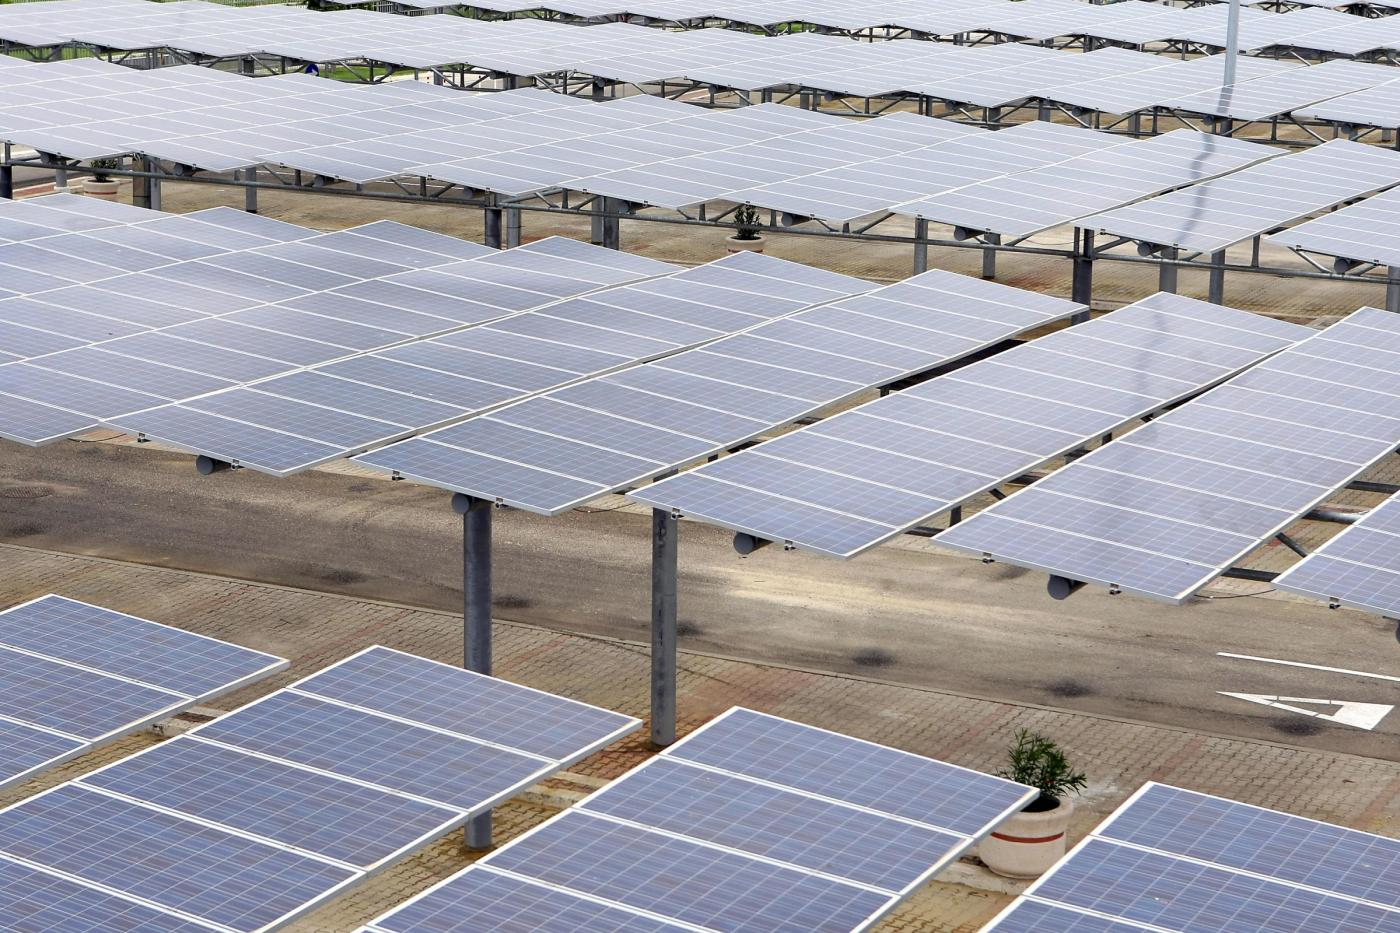 pregi difetti fotovoltaico fai da te